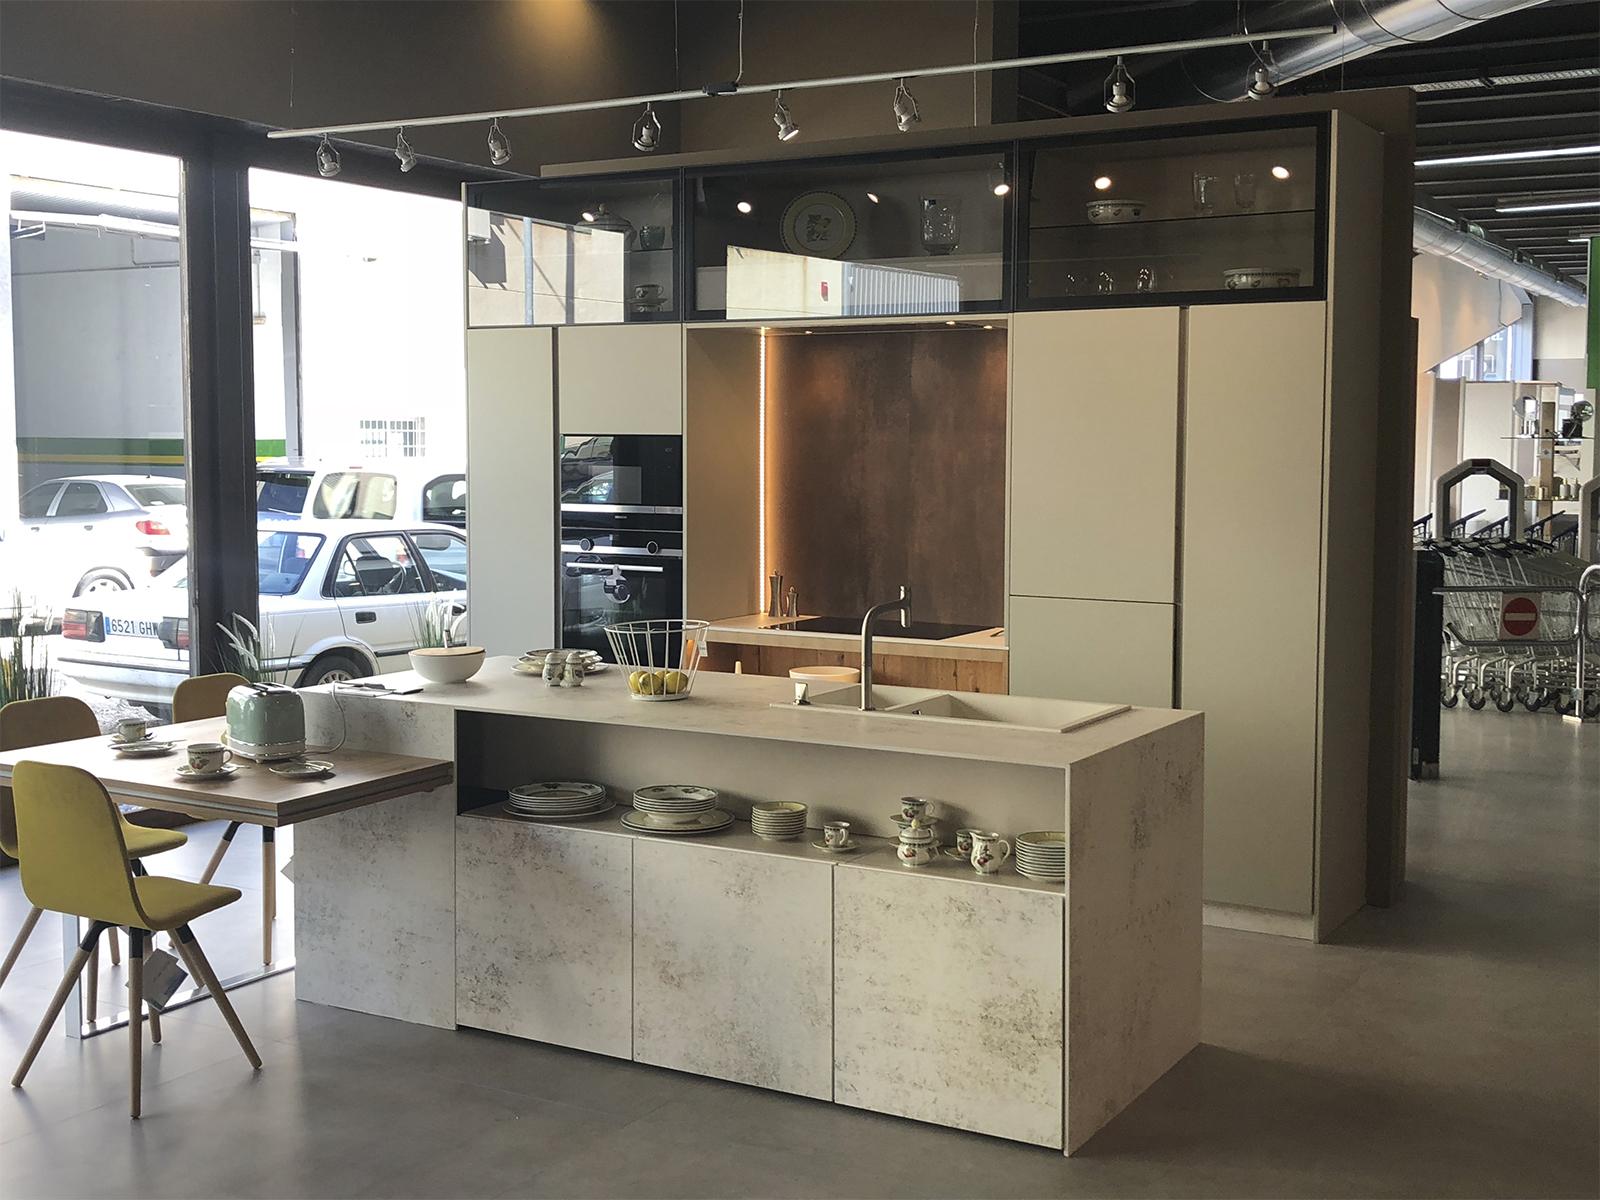 proyectos-reforma-de-cocina-hitalo